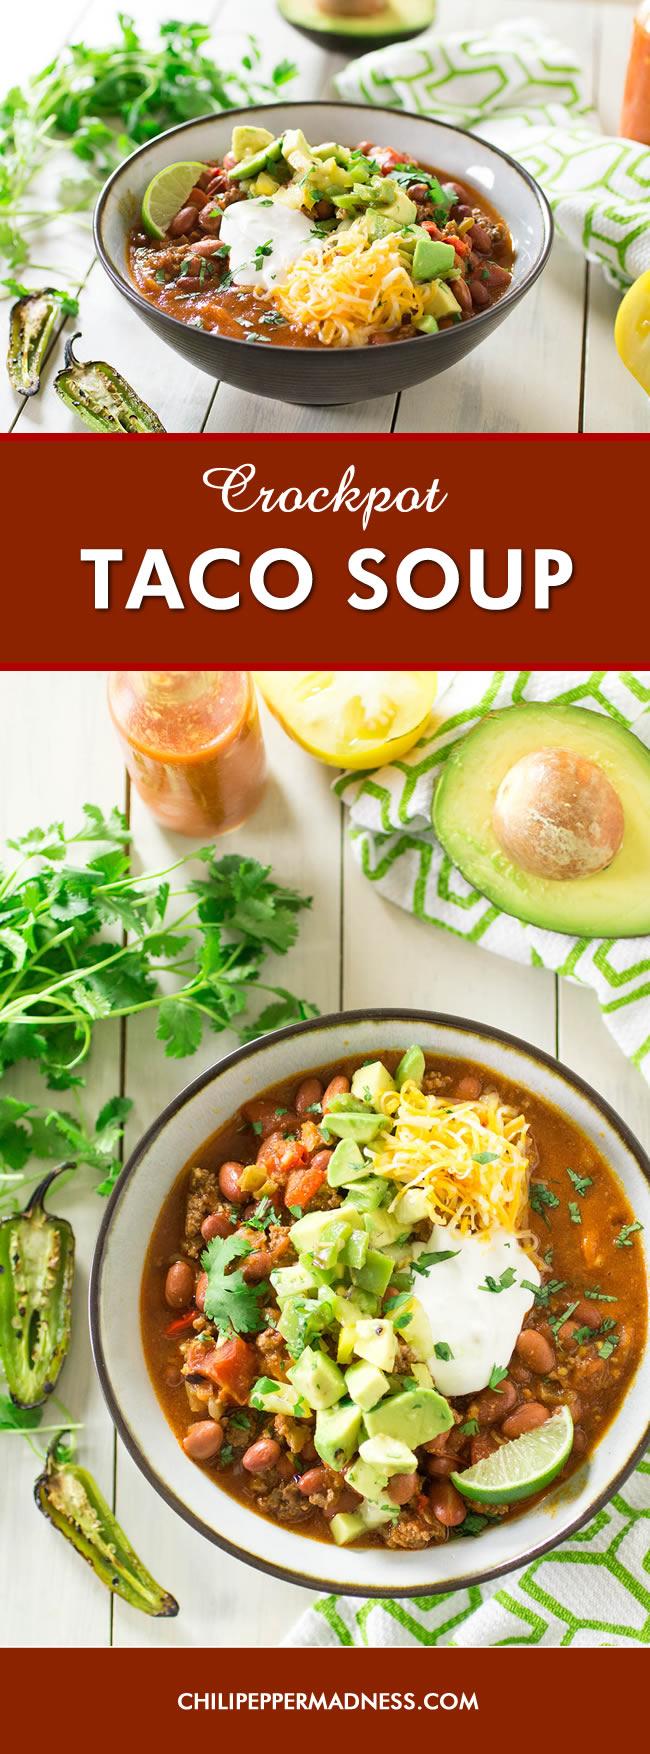 Crock Pot Taco Soup - Recipe